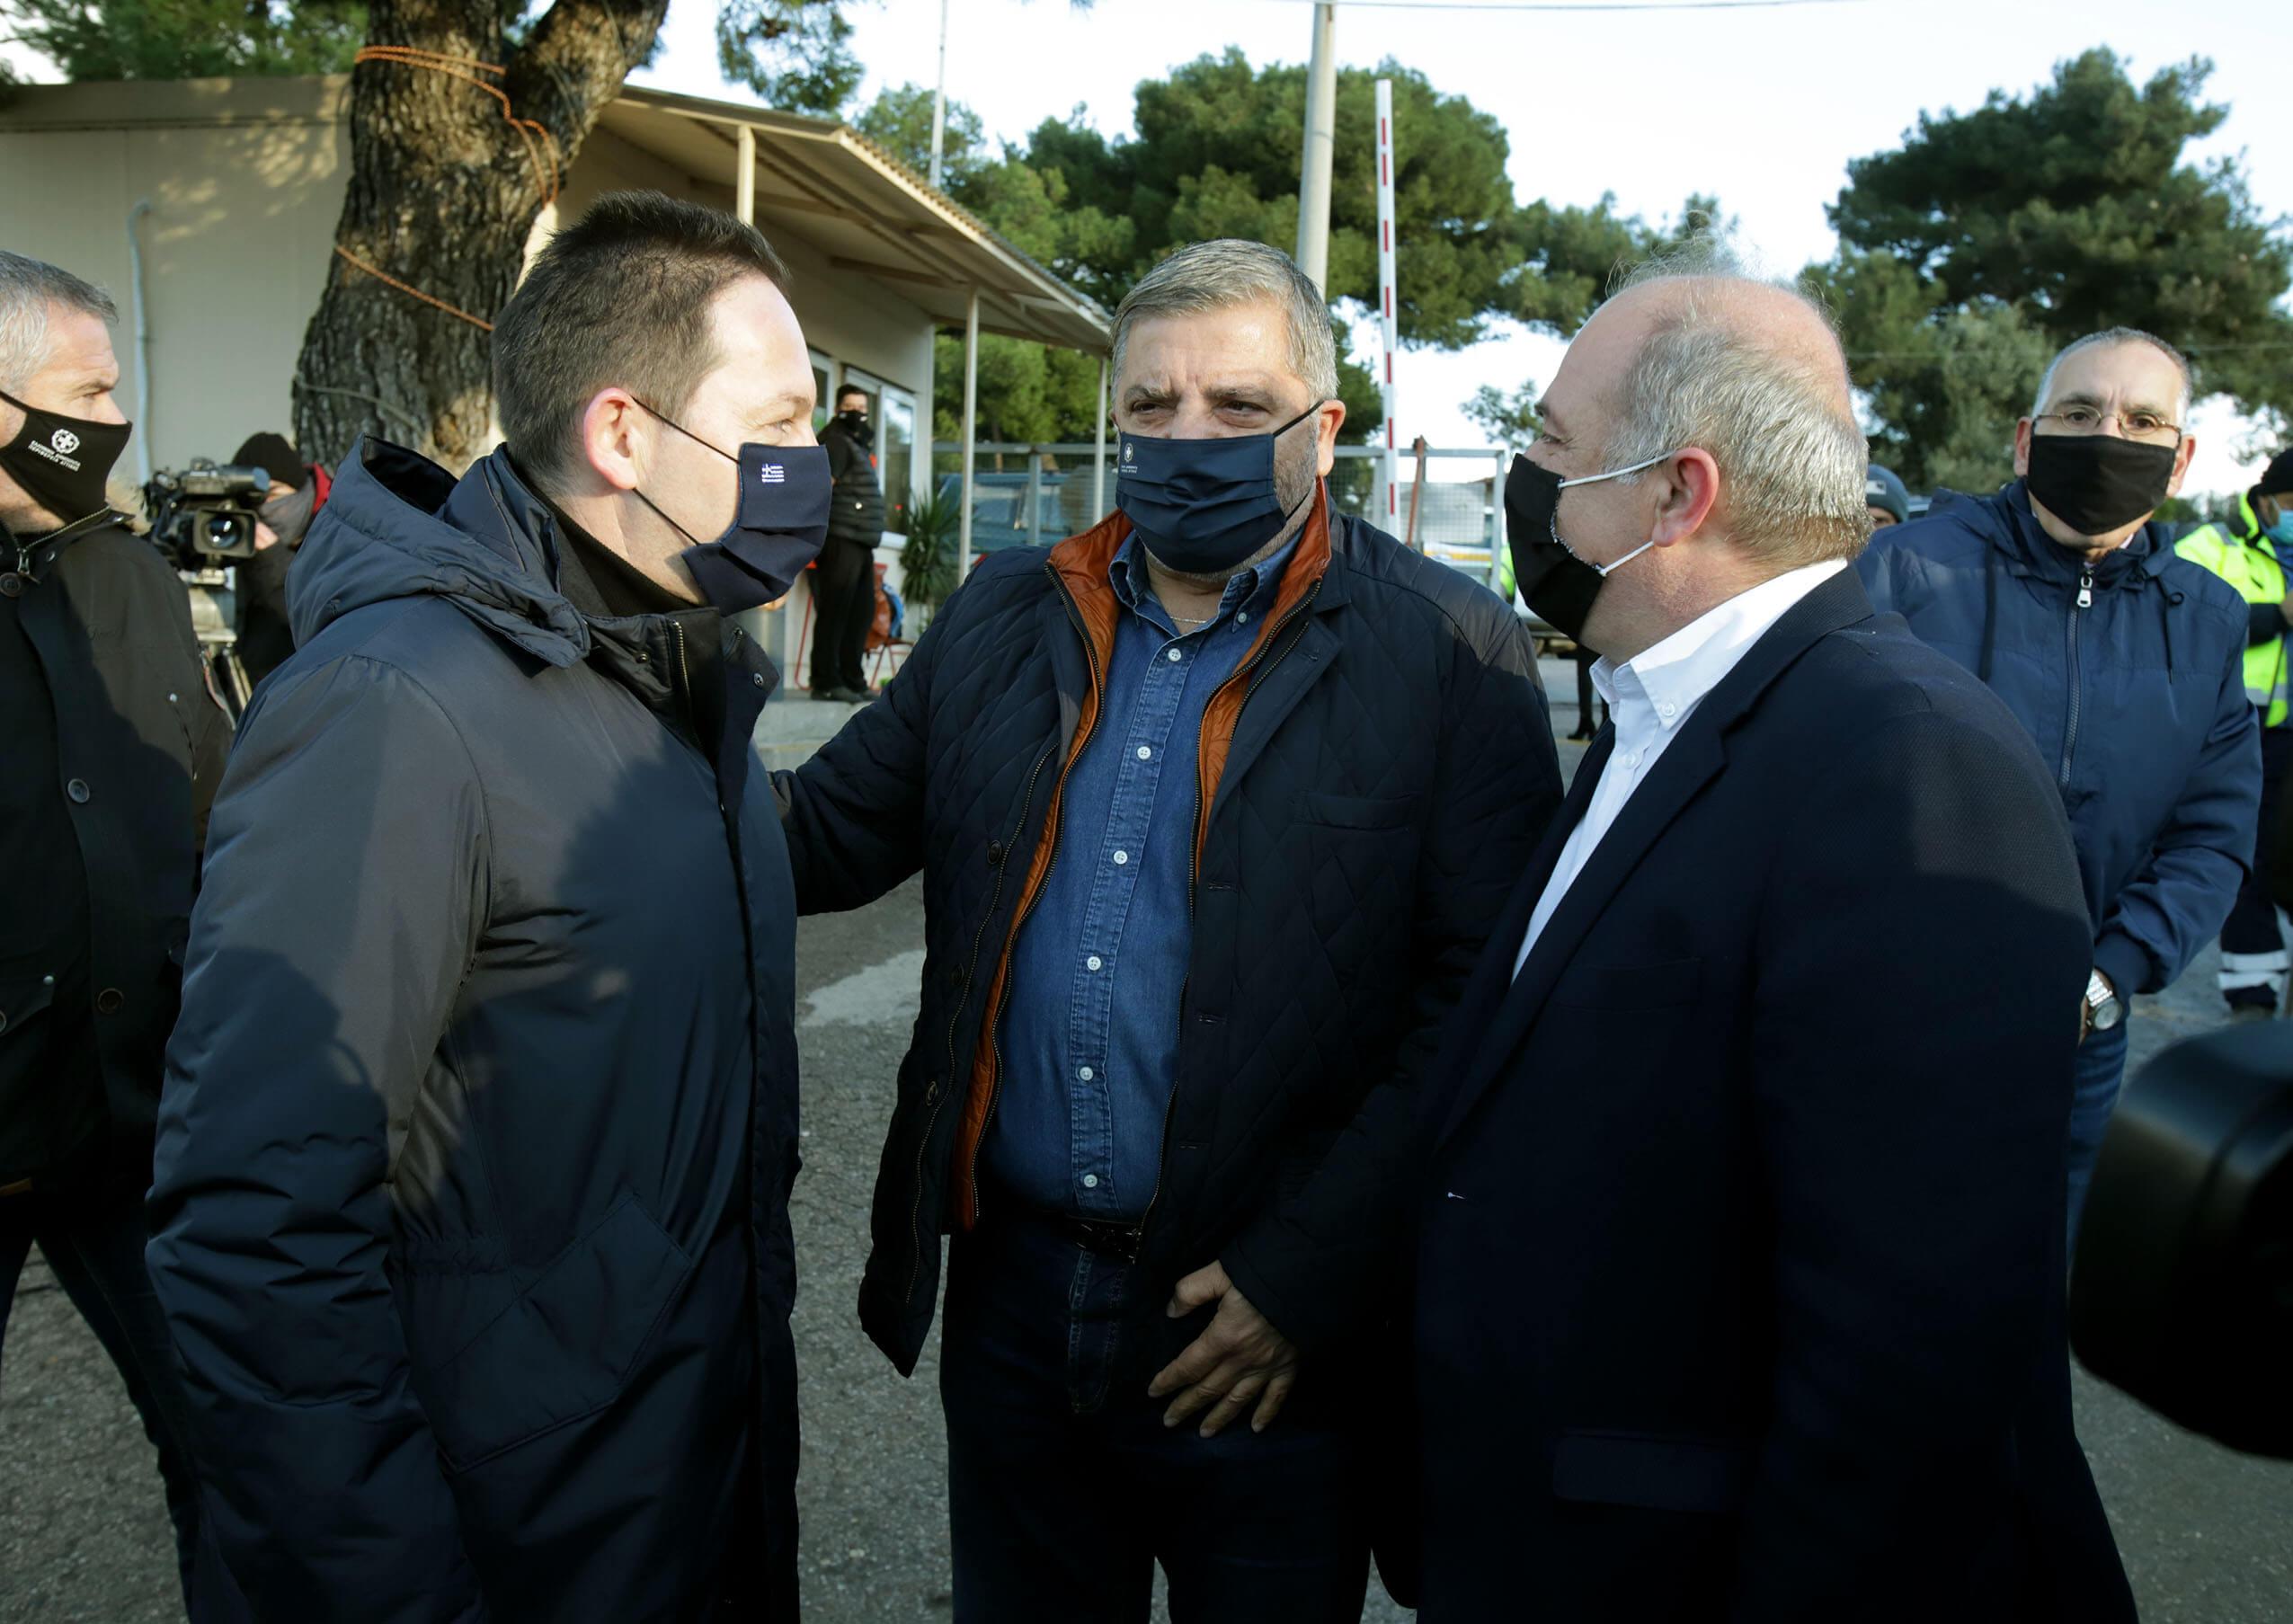 Σε ετοιμότητα όλος ο μηχανισμός Πολιτικής Προστασίας της Περιφέρειας Αττικής για την αντιμετώπιση της επικείμενης κακοκαιρίας